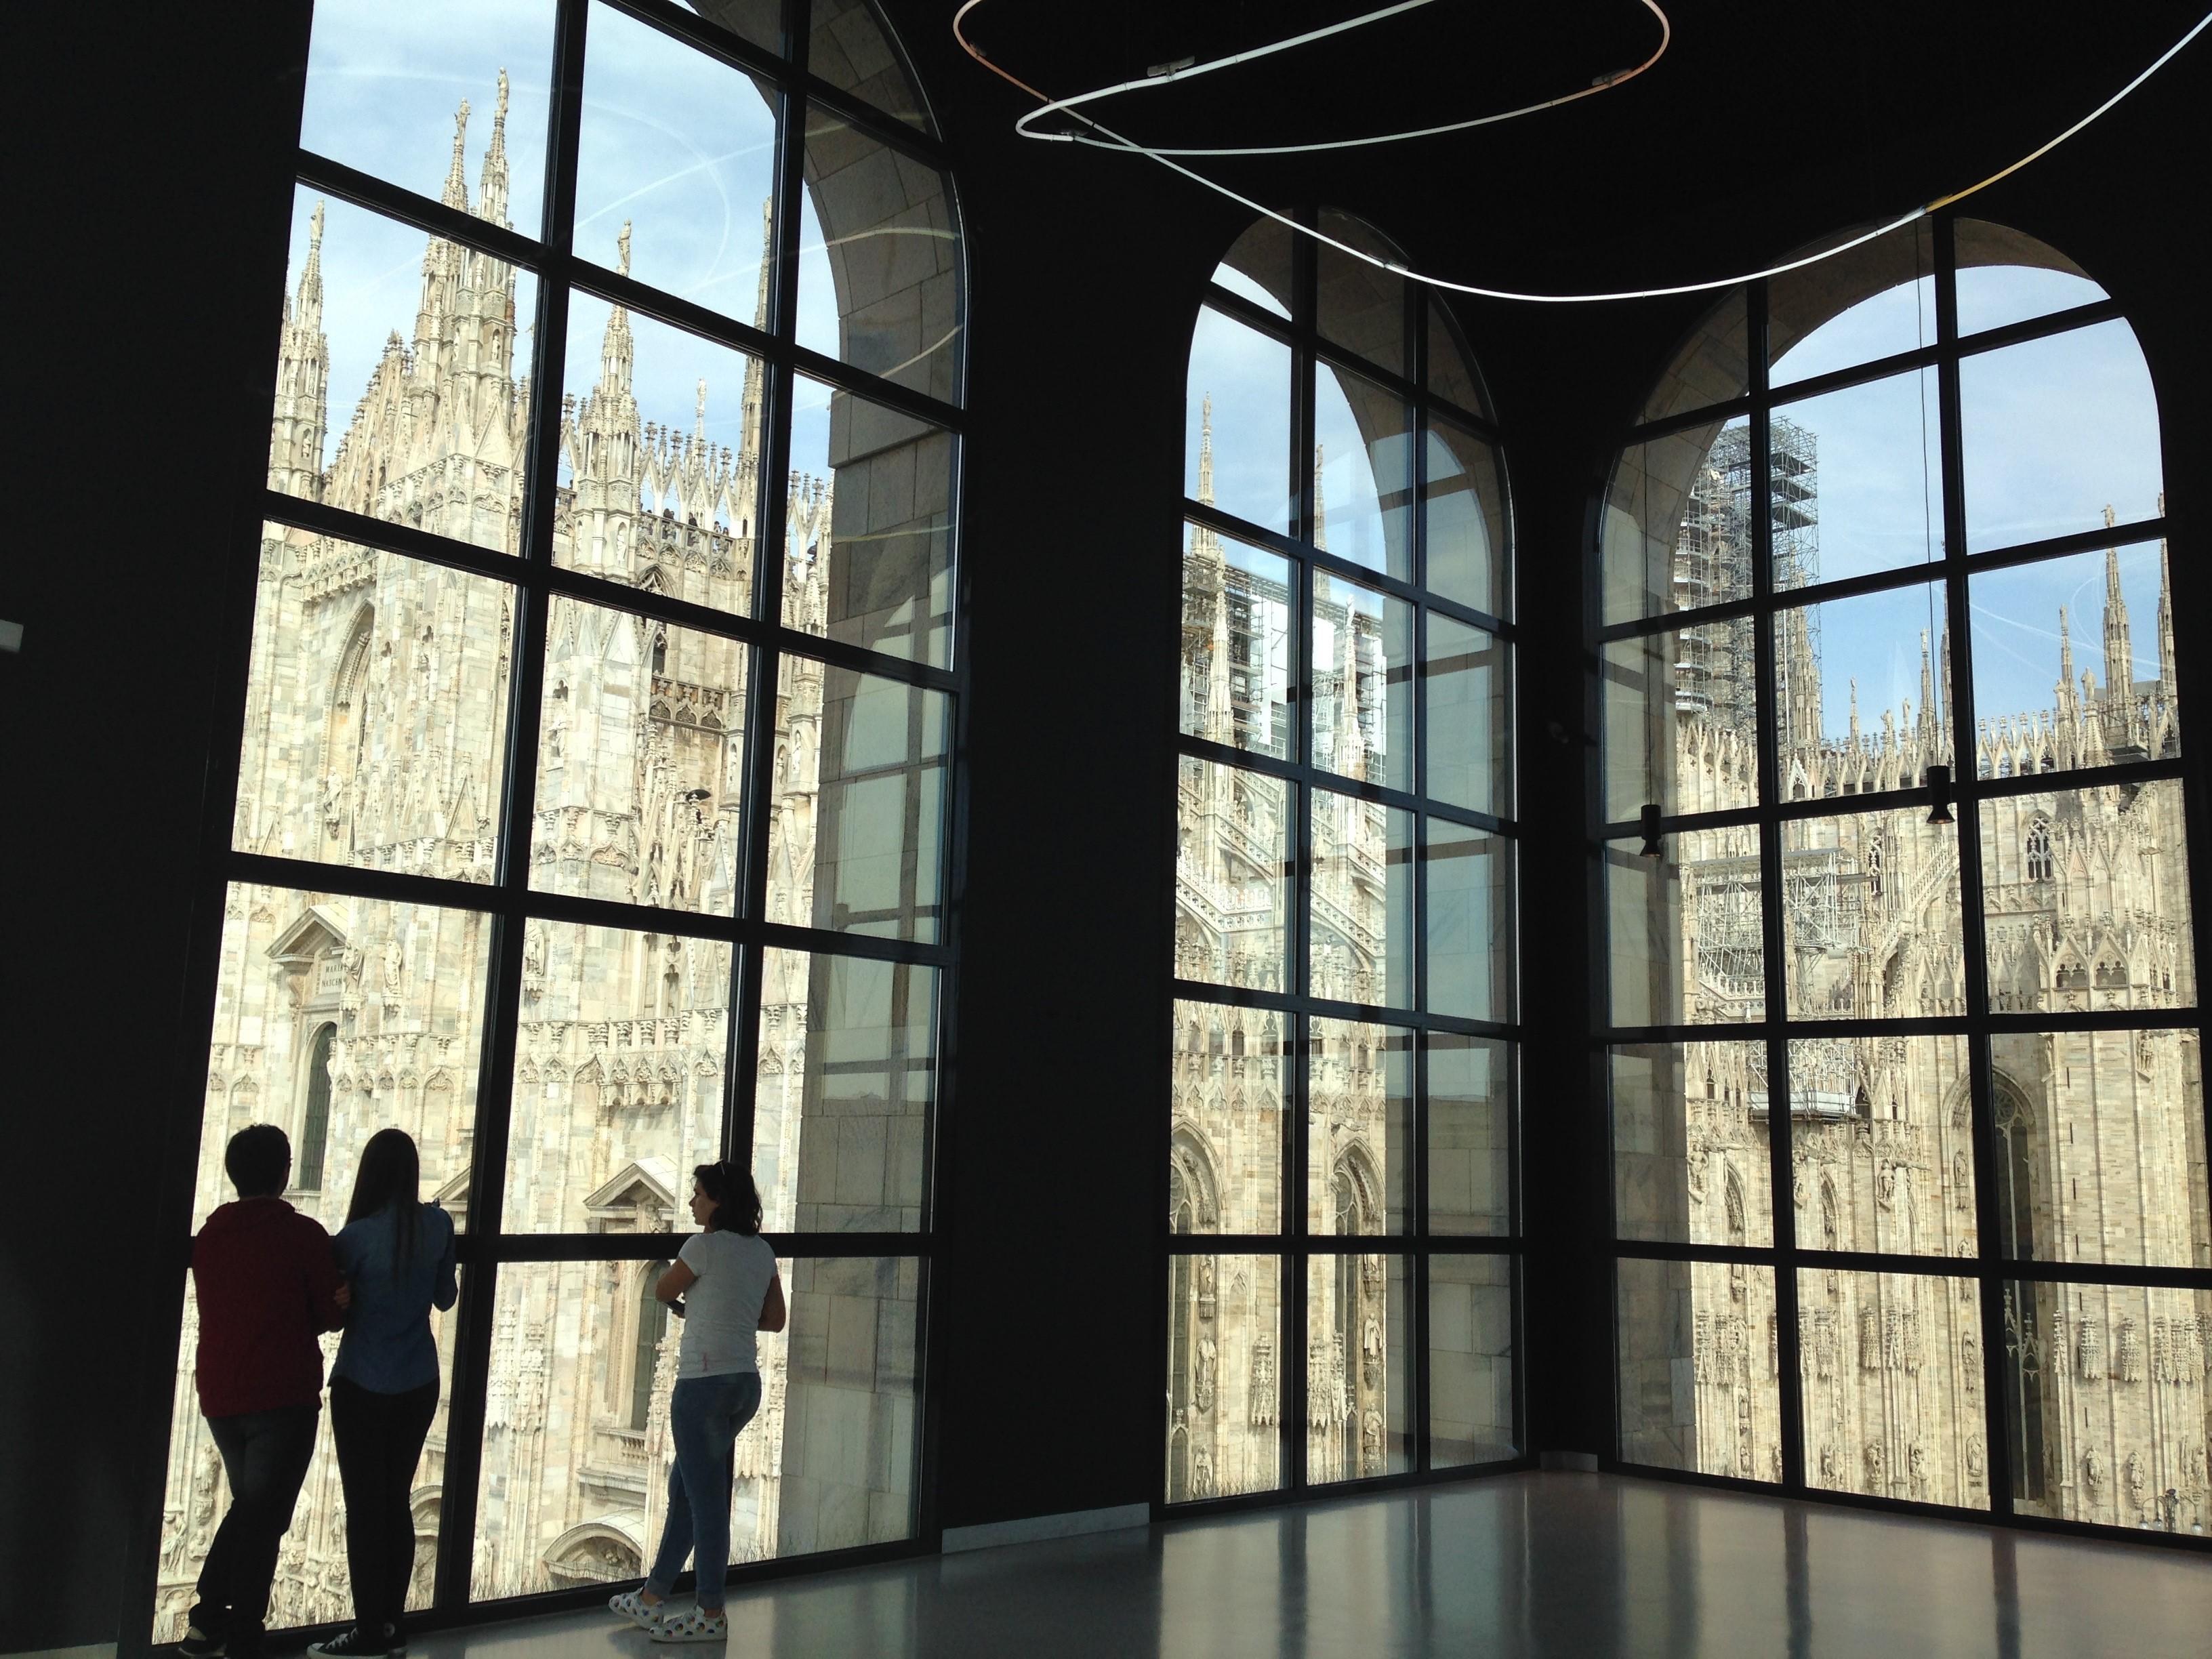 Milan Cathedral, Milan, Italy, Molly Bland